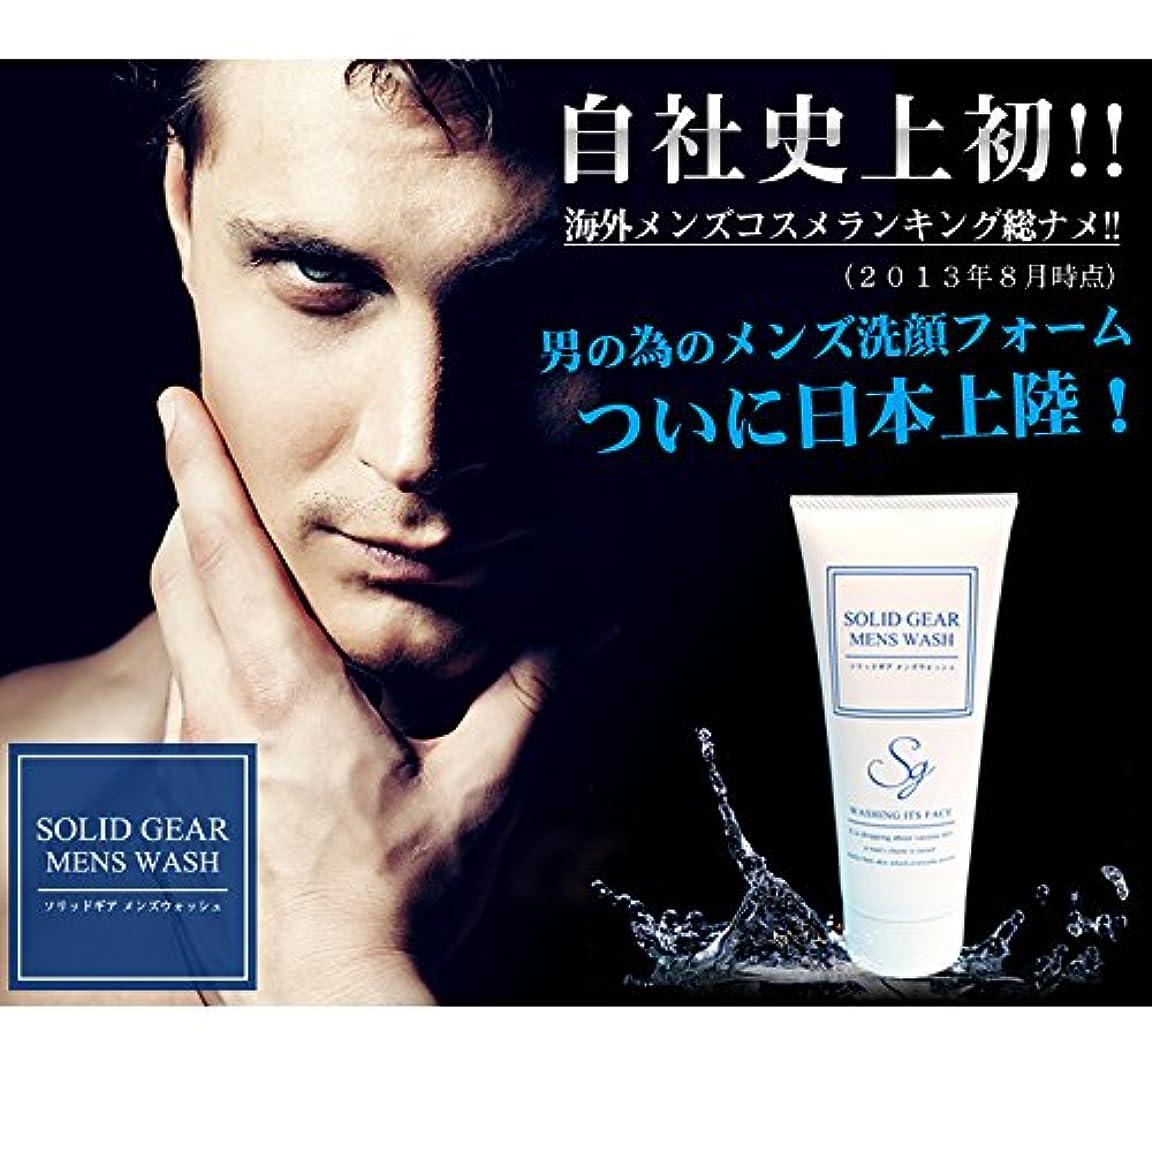 できるカウント完璧男性用洗顔フォーム ソリッドギア メンズウォッシュ